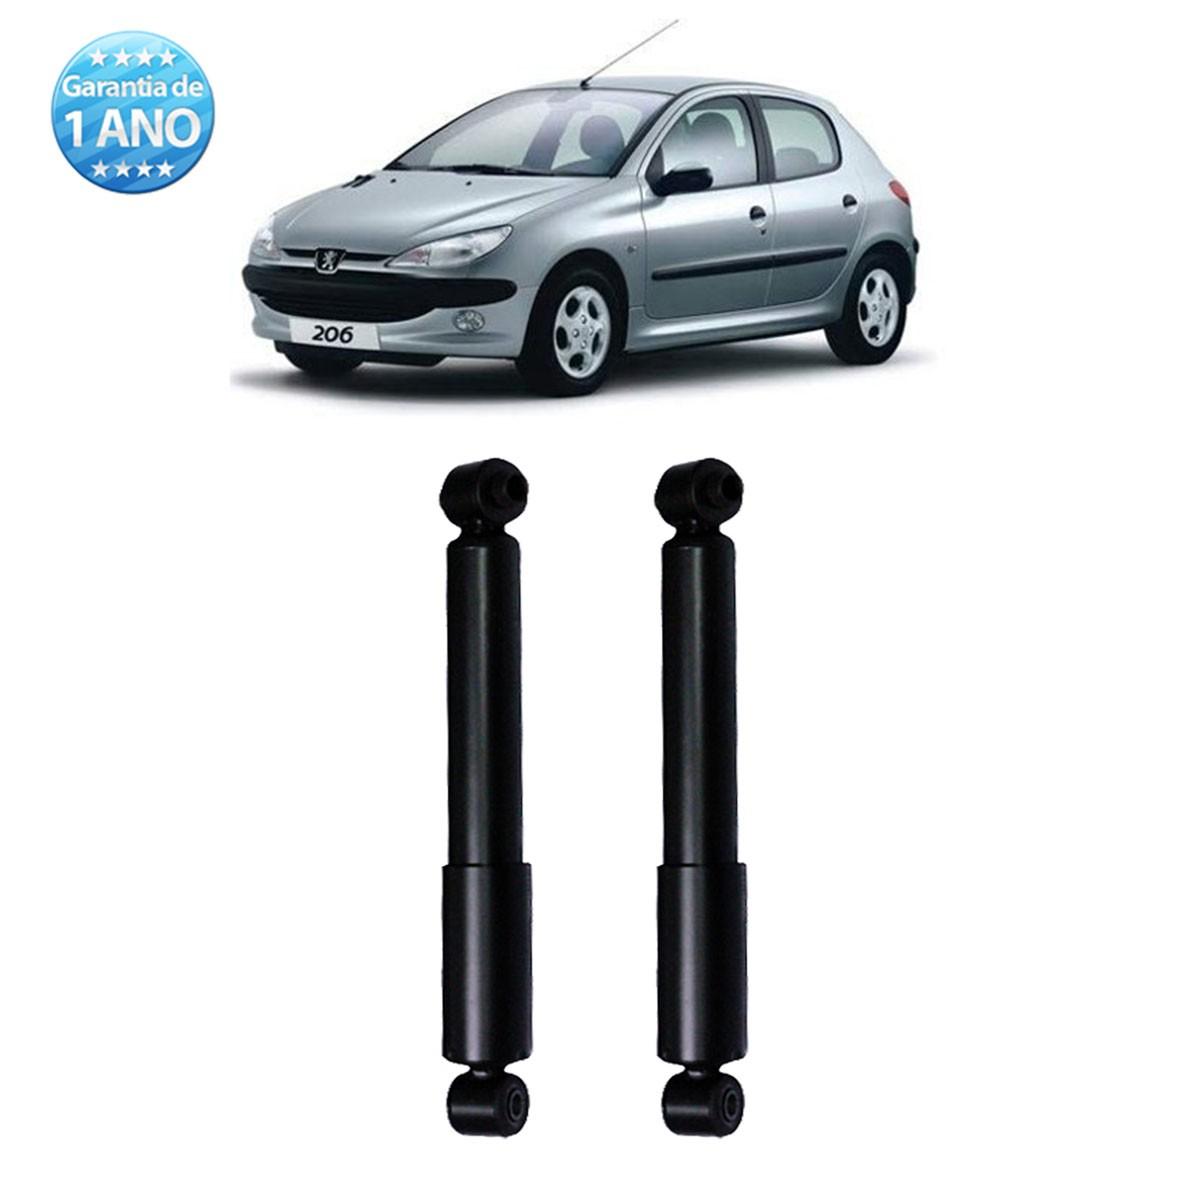 Par de Amortecedores Traseiro Remanufaturados Peugeot 206 e 207 1999 Até 2010